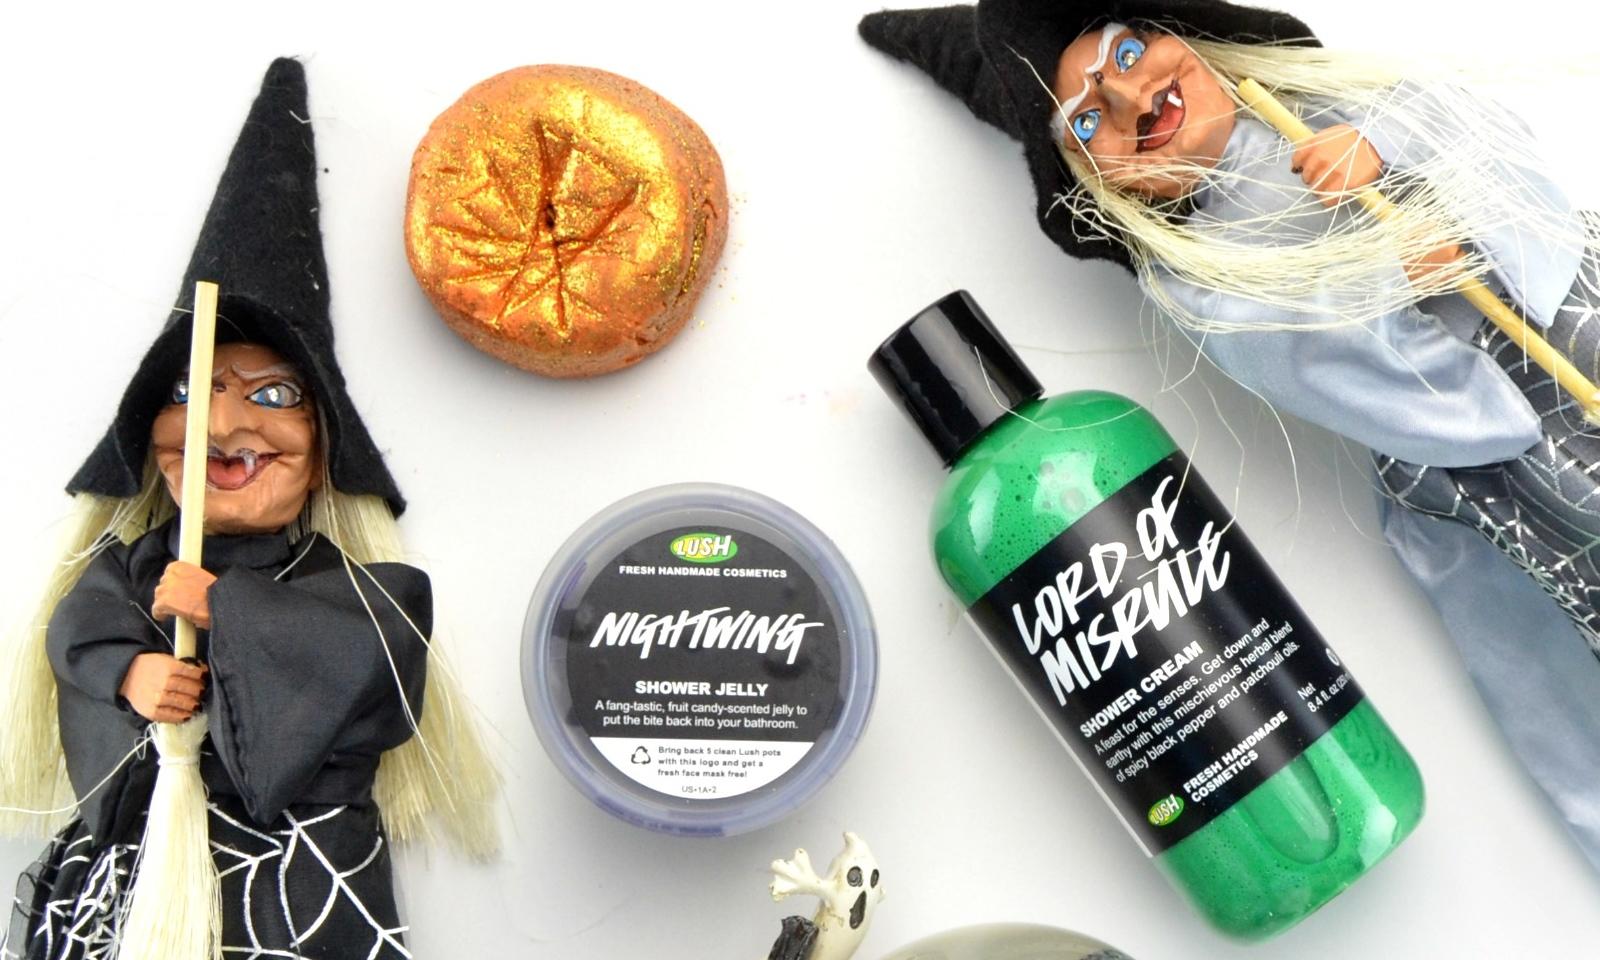 Chỉ chờ đến Halloween để tận hưởng bộ sản phẩm ma quái rất dễ thương của Lush